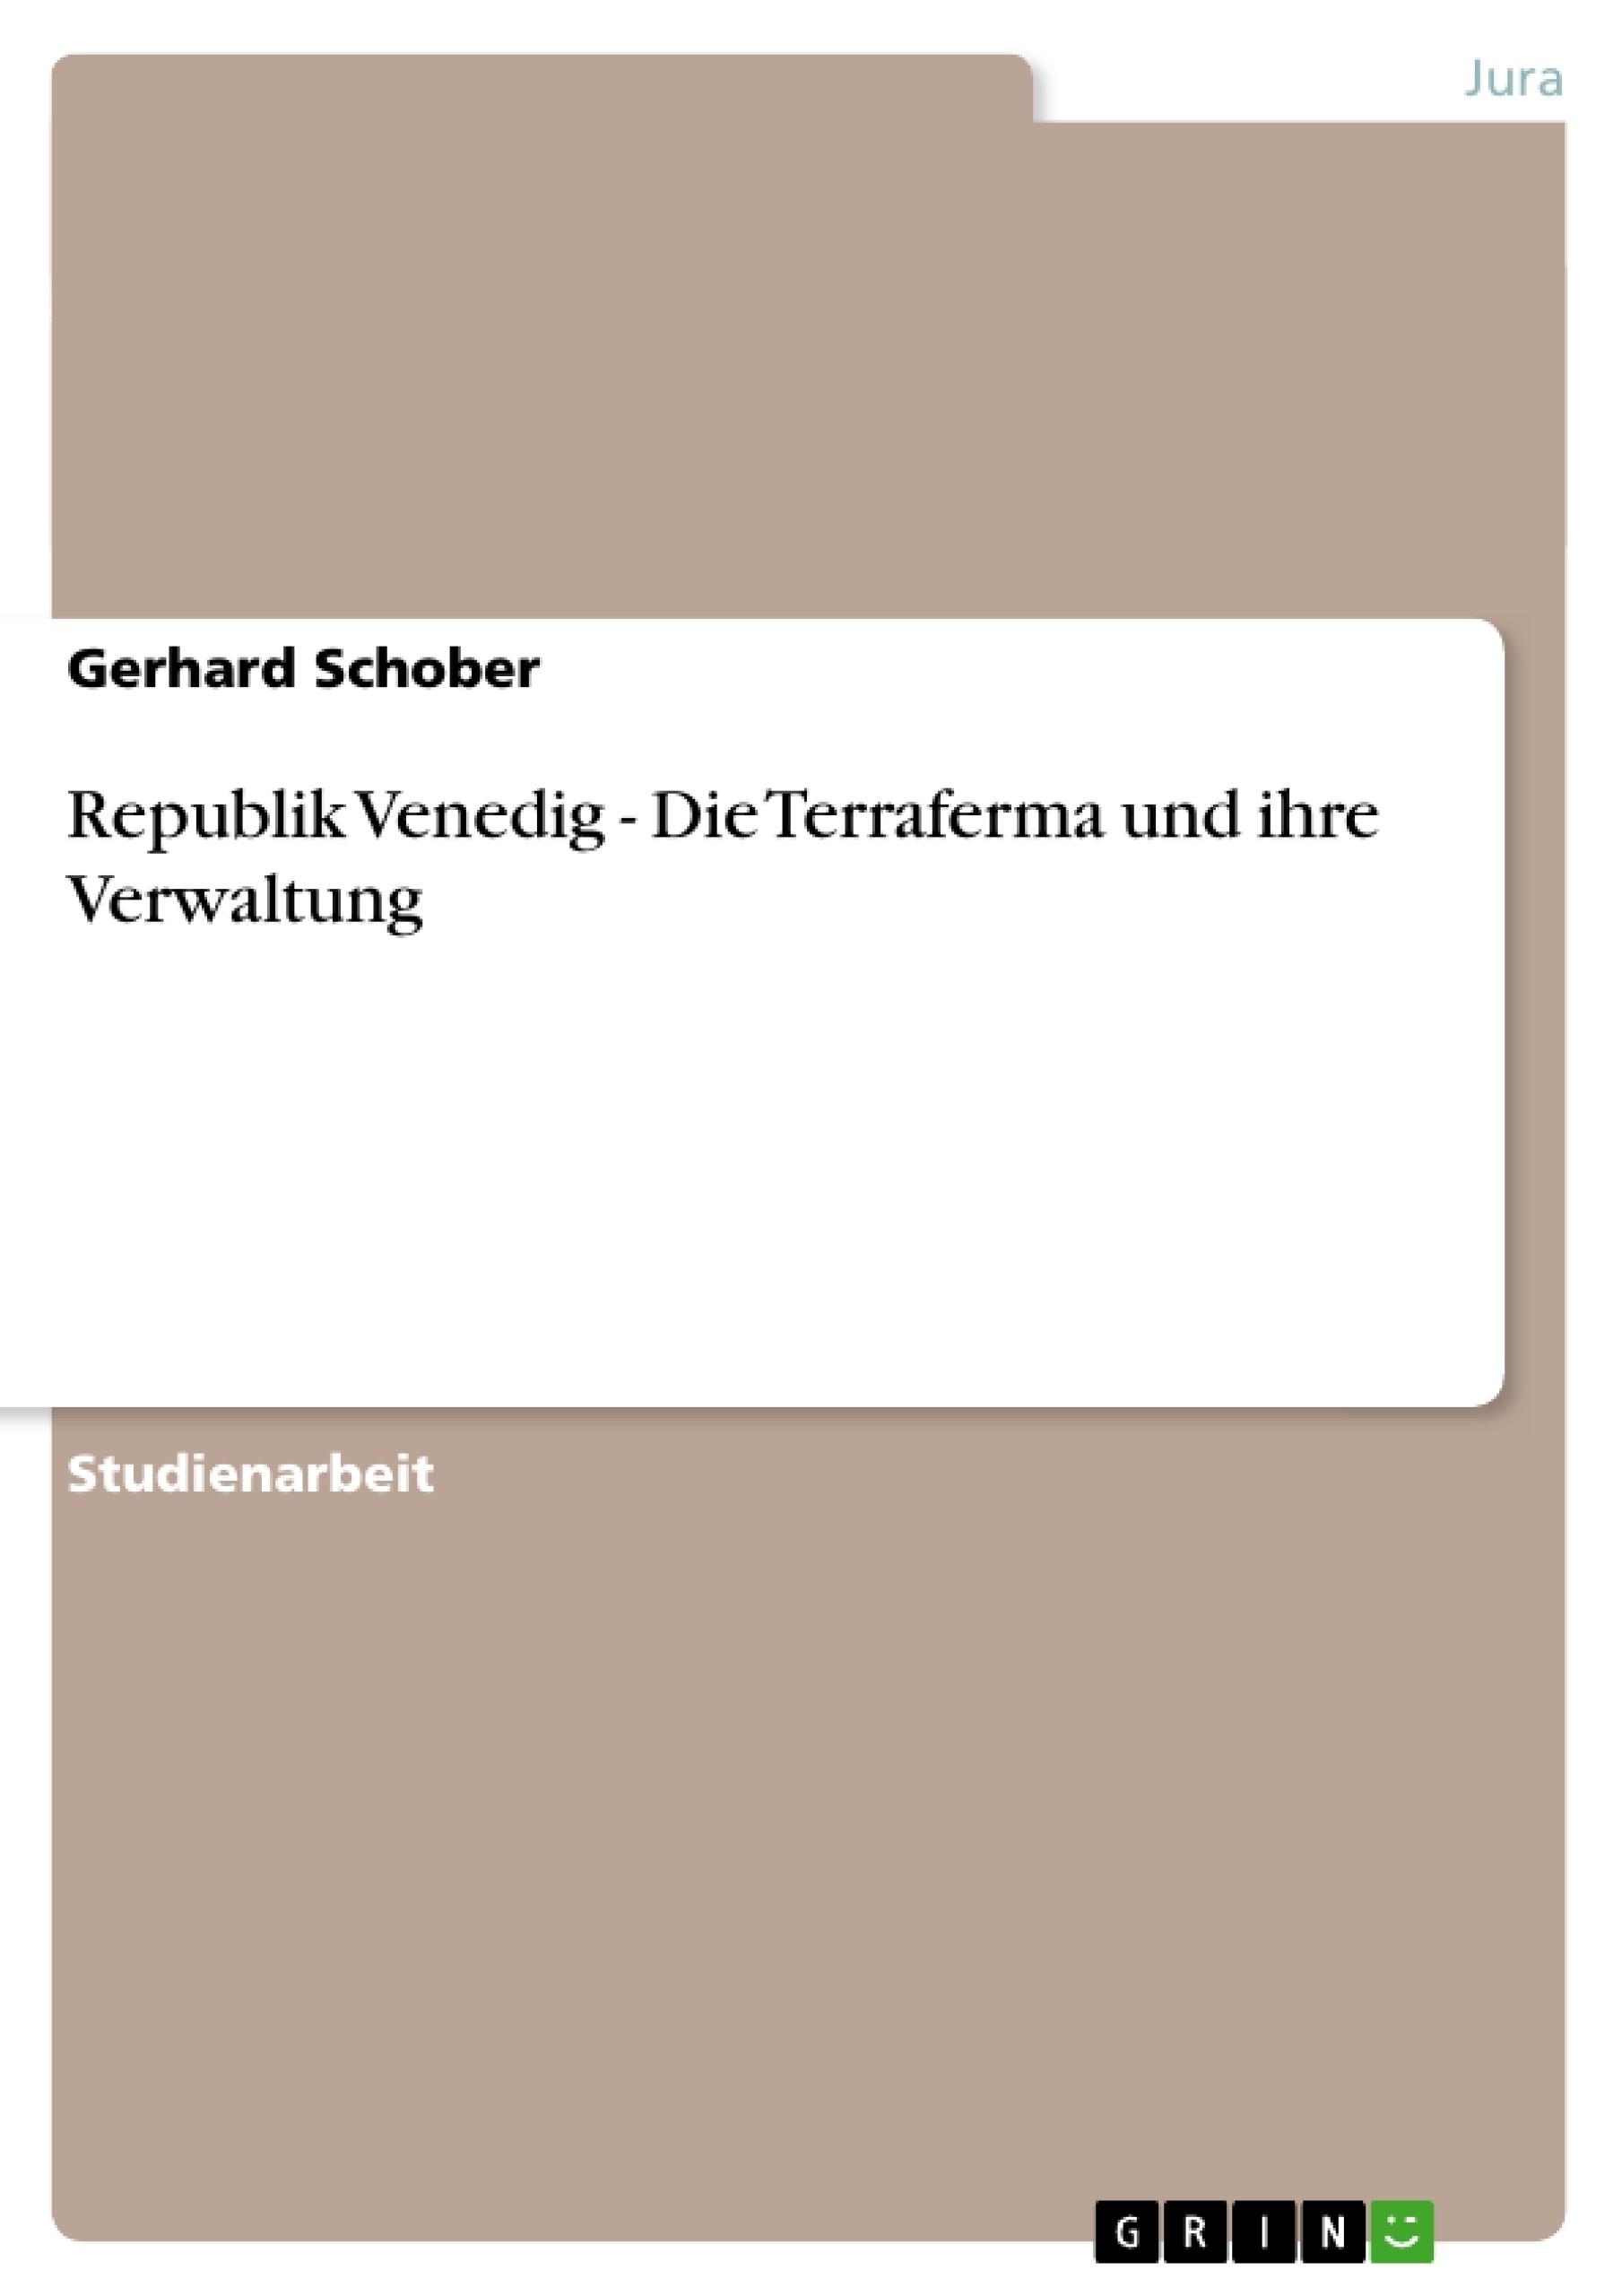 Titel: Republik Venedig - Die Terraferma und ihre Verwaltung